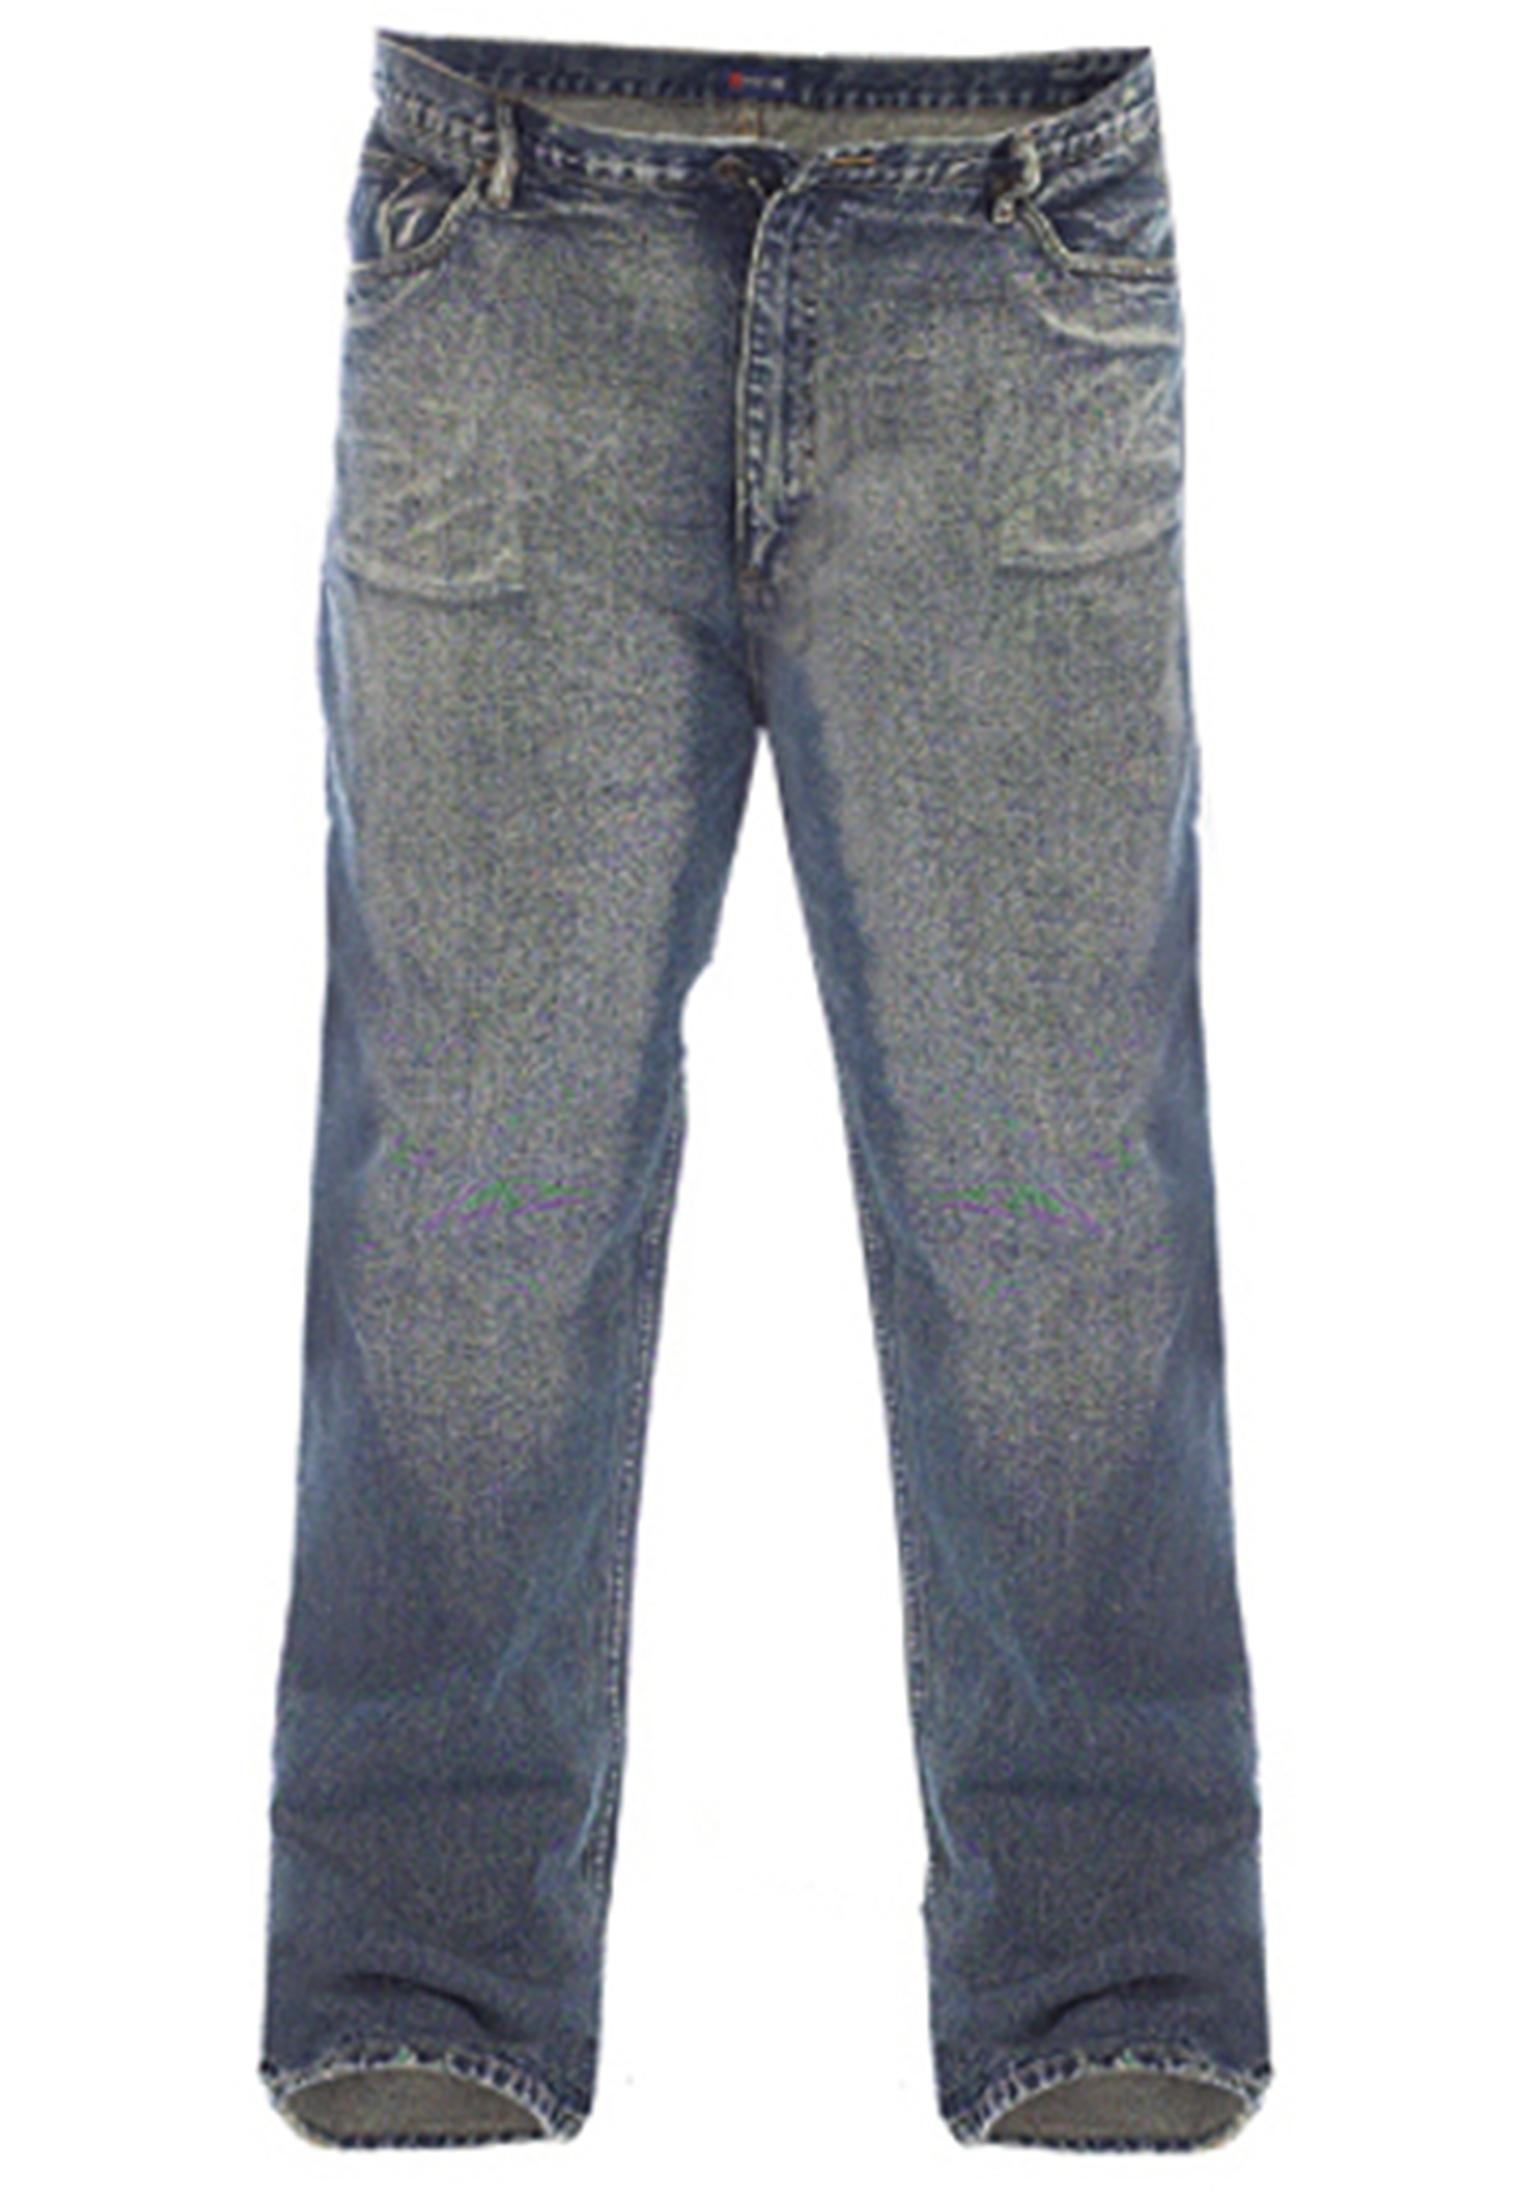 Rockford jeans in 5-pocket model met knoop-ritssluiting, merklogo op de tailleband rechts achter.